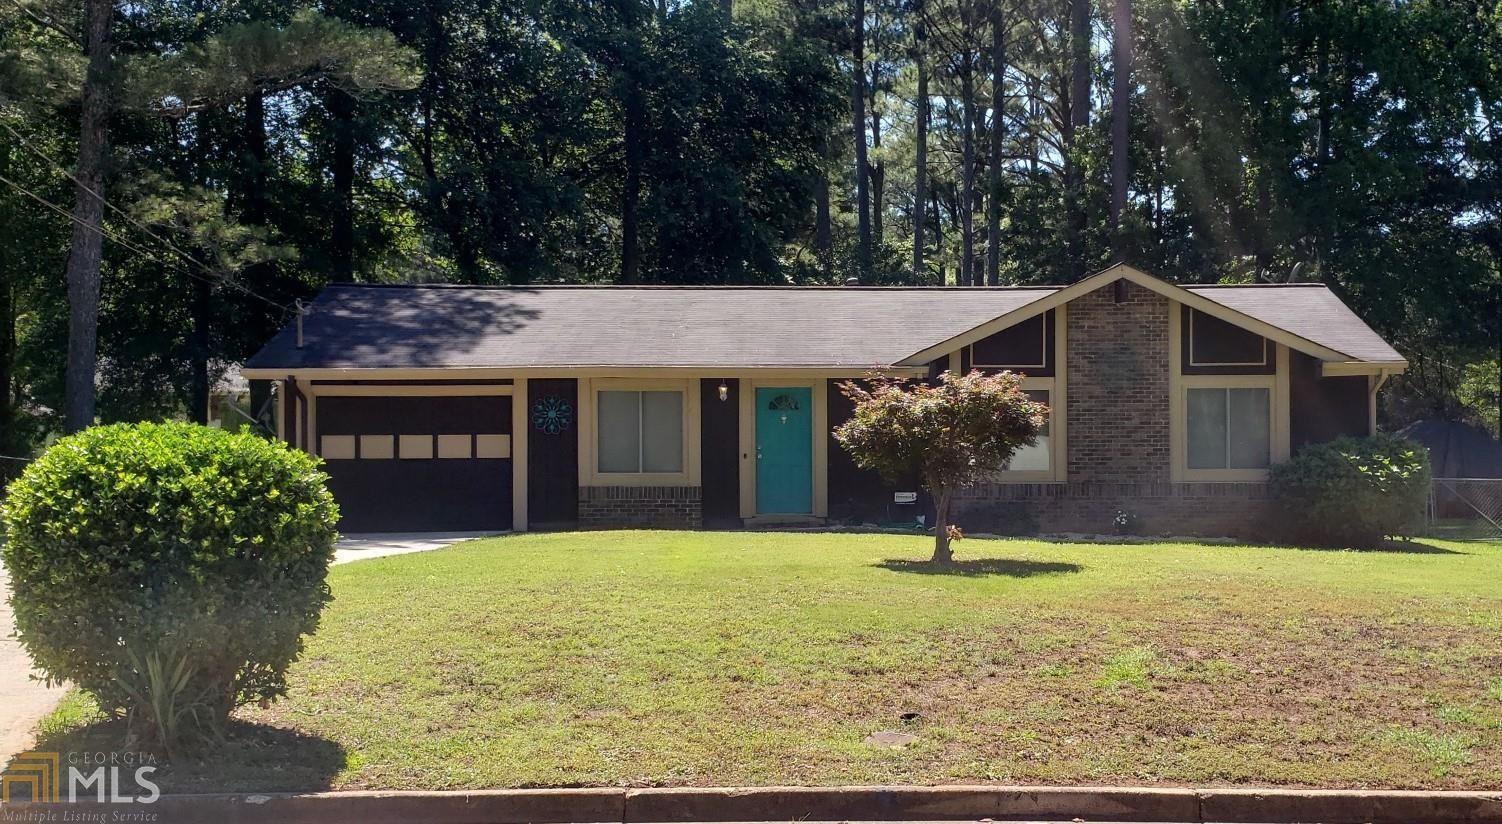 9011 Sterling Ridge Ln, Jonesboro, GA 30238 - #: 8807915